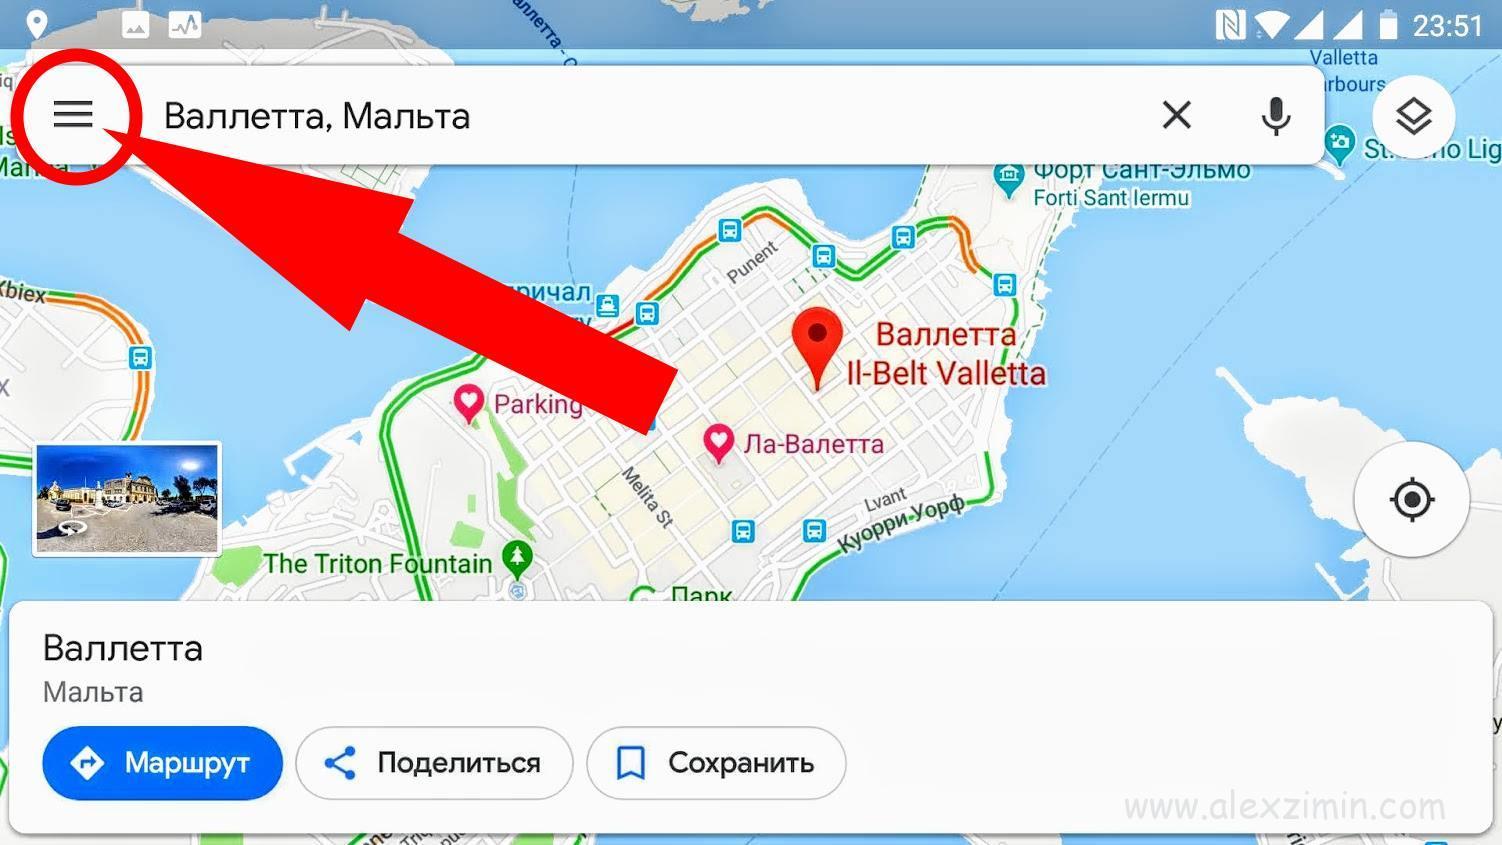 Как скачать карту Мальты в Гугл мэпс